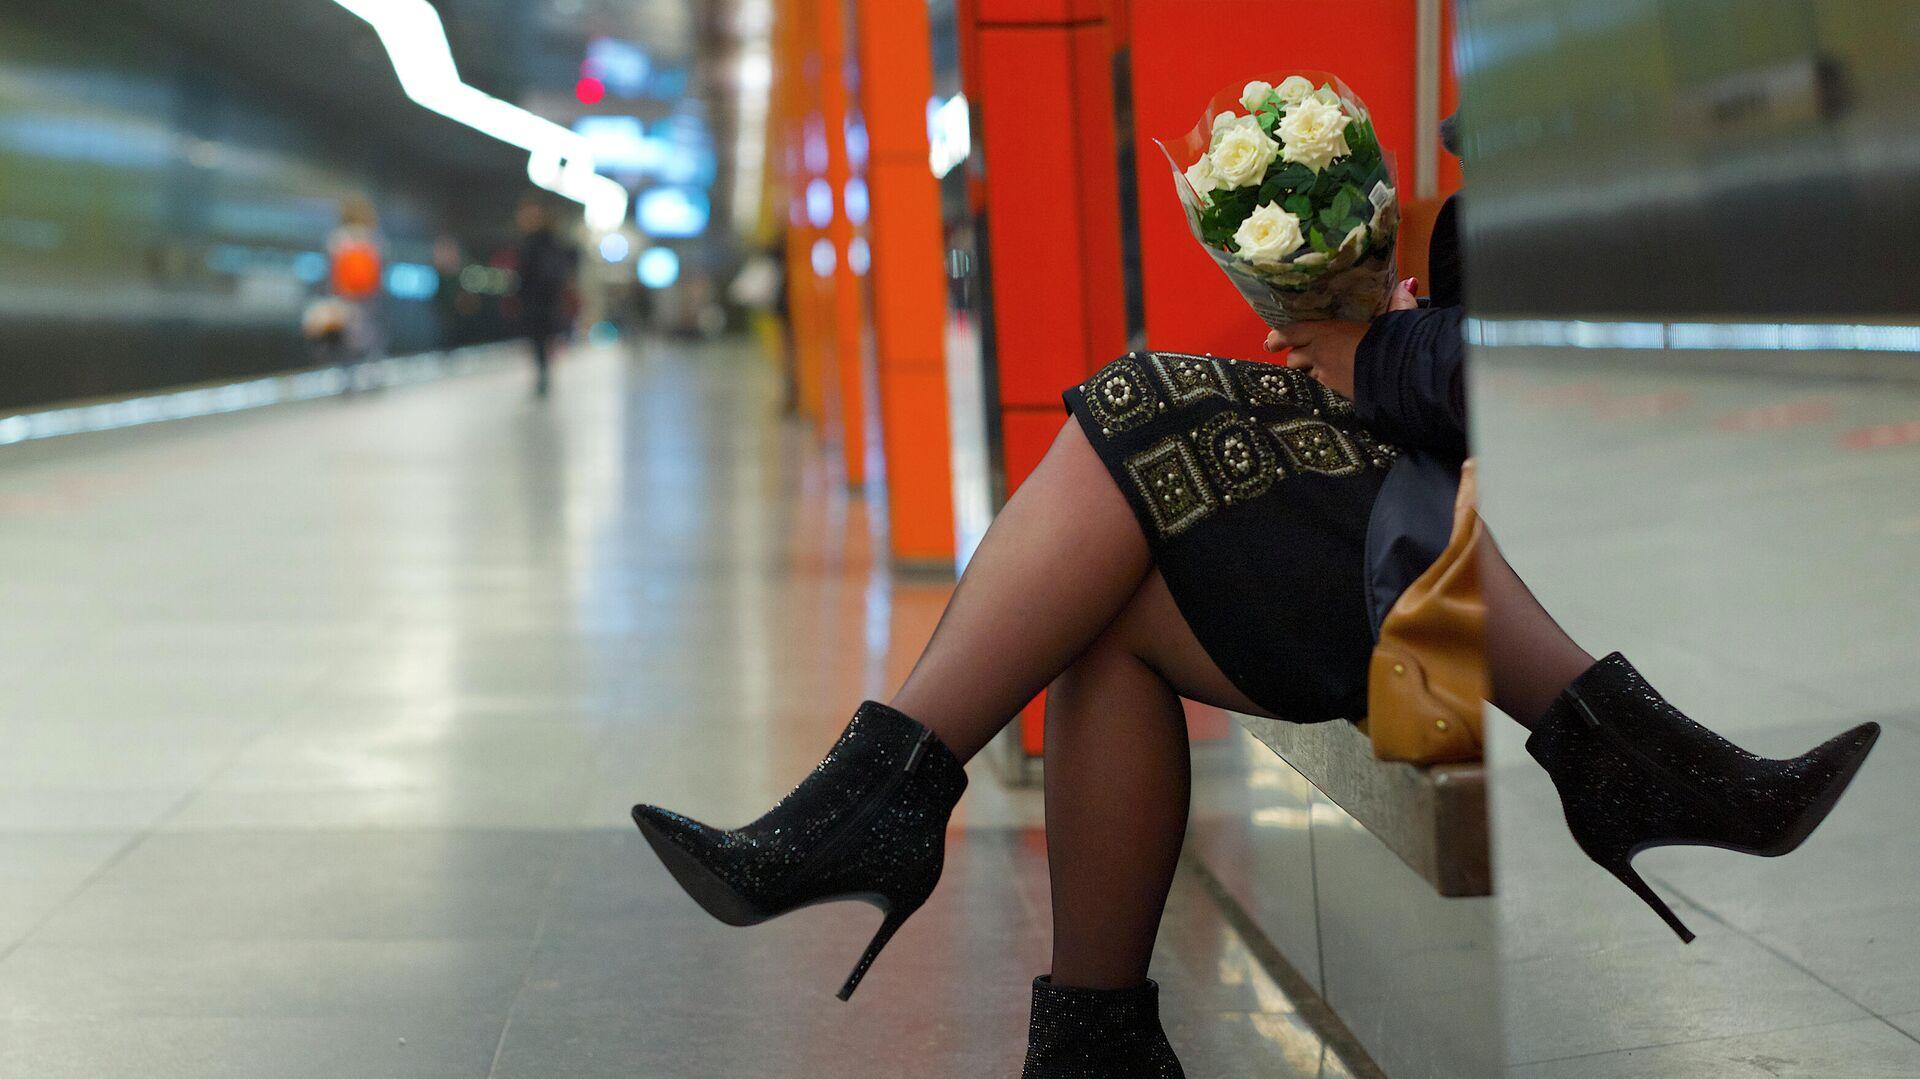 Девушка с букетом цветов в Московском метрополитене - РИА Новости, 1920, 30.07.2021